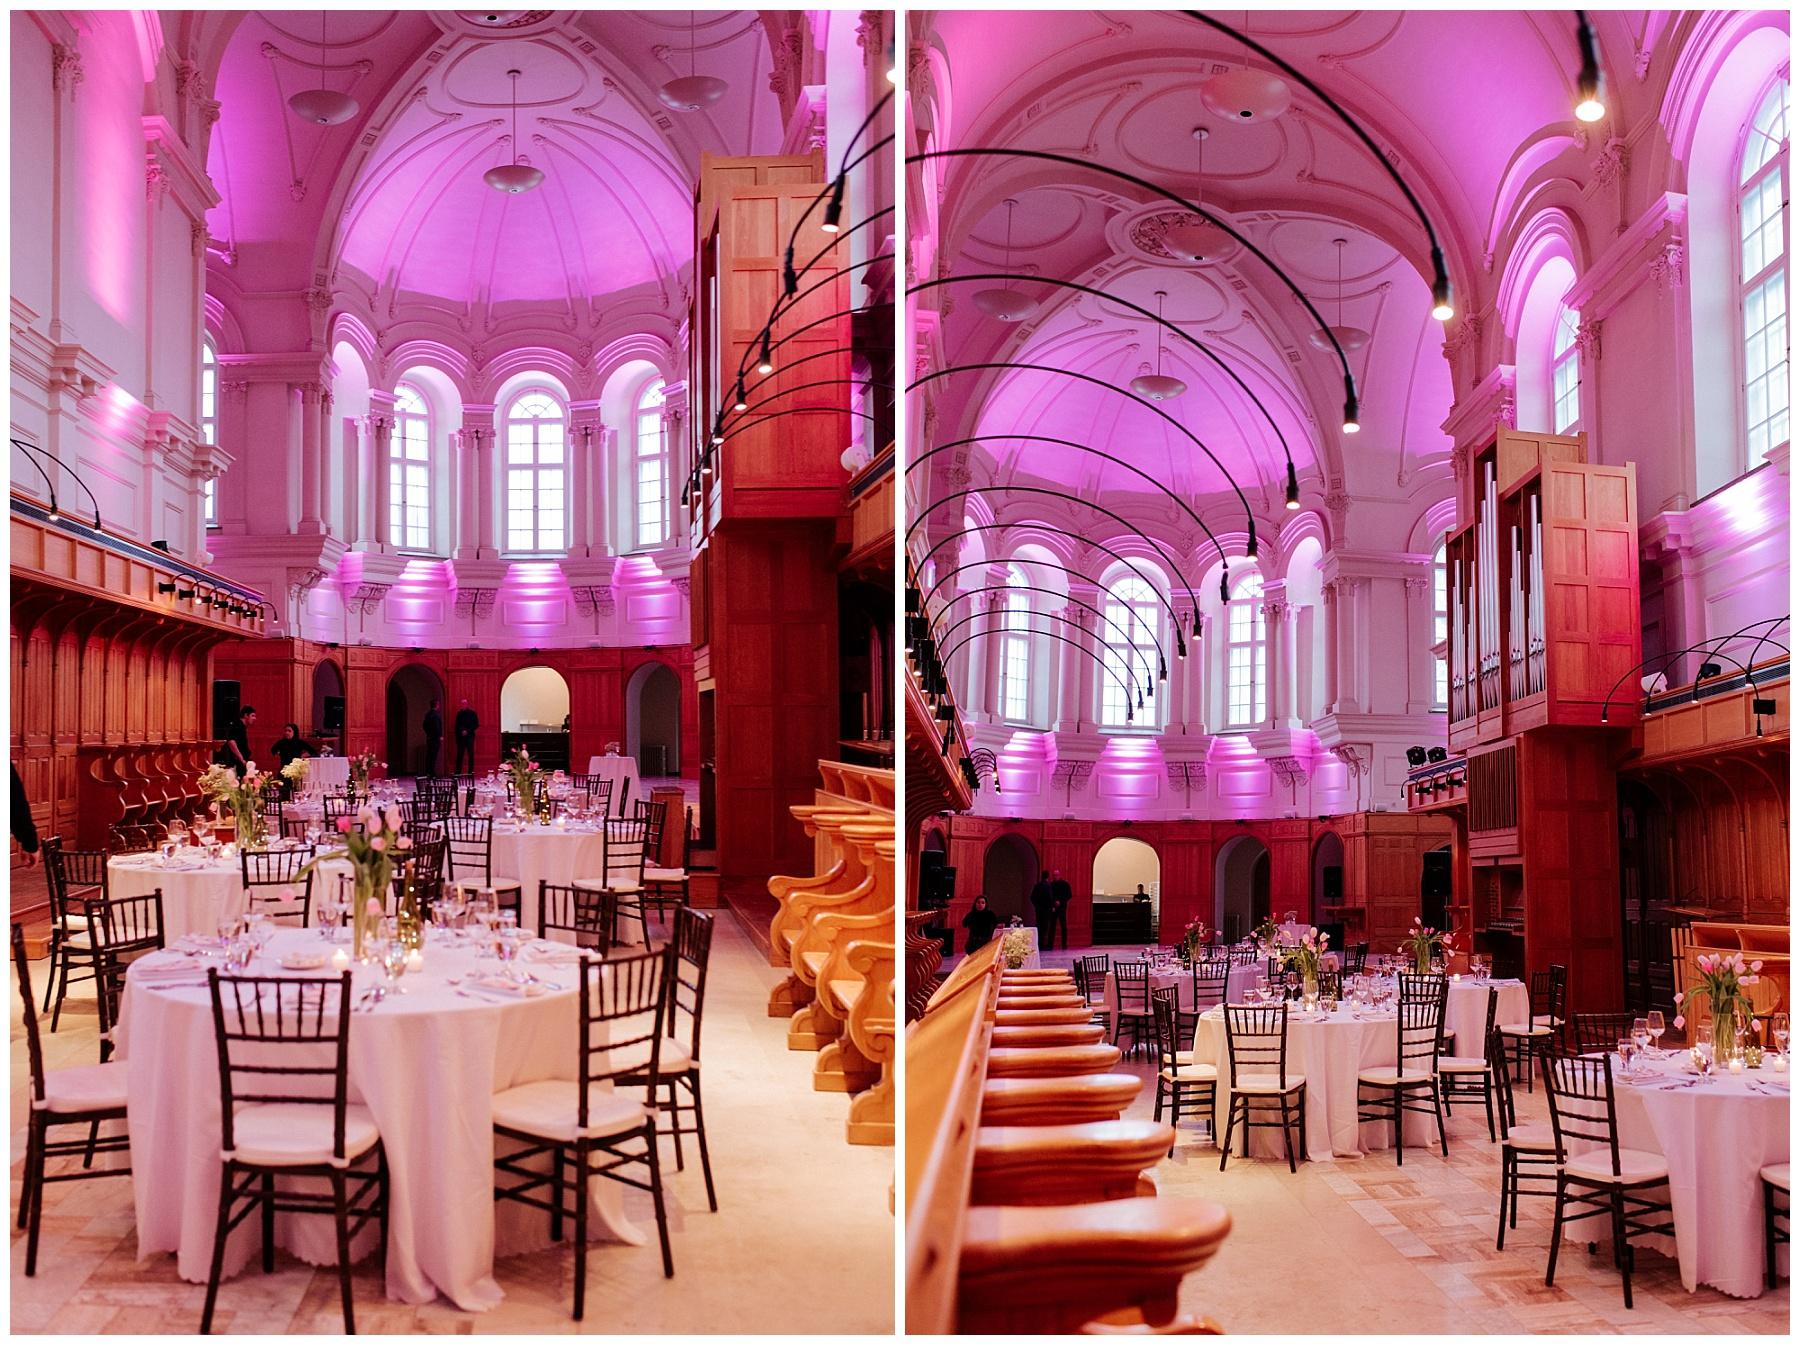 La salle de l'abbaye d'oka est illuminée pour la soirée.